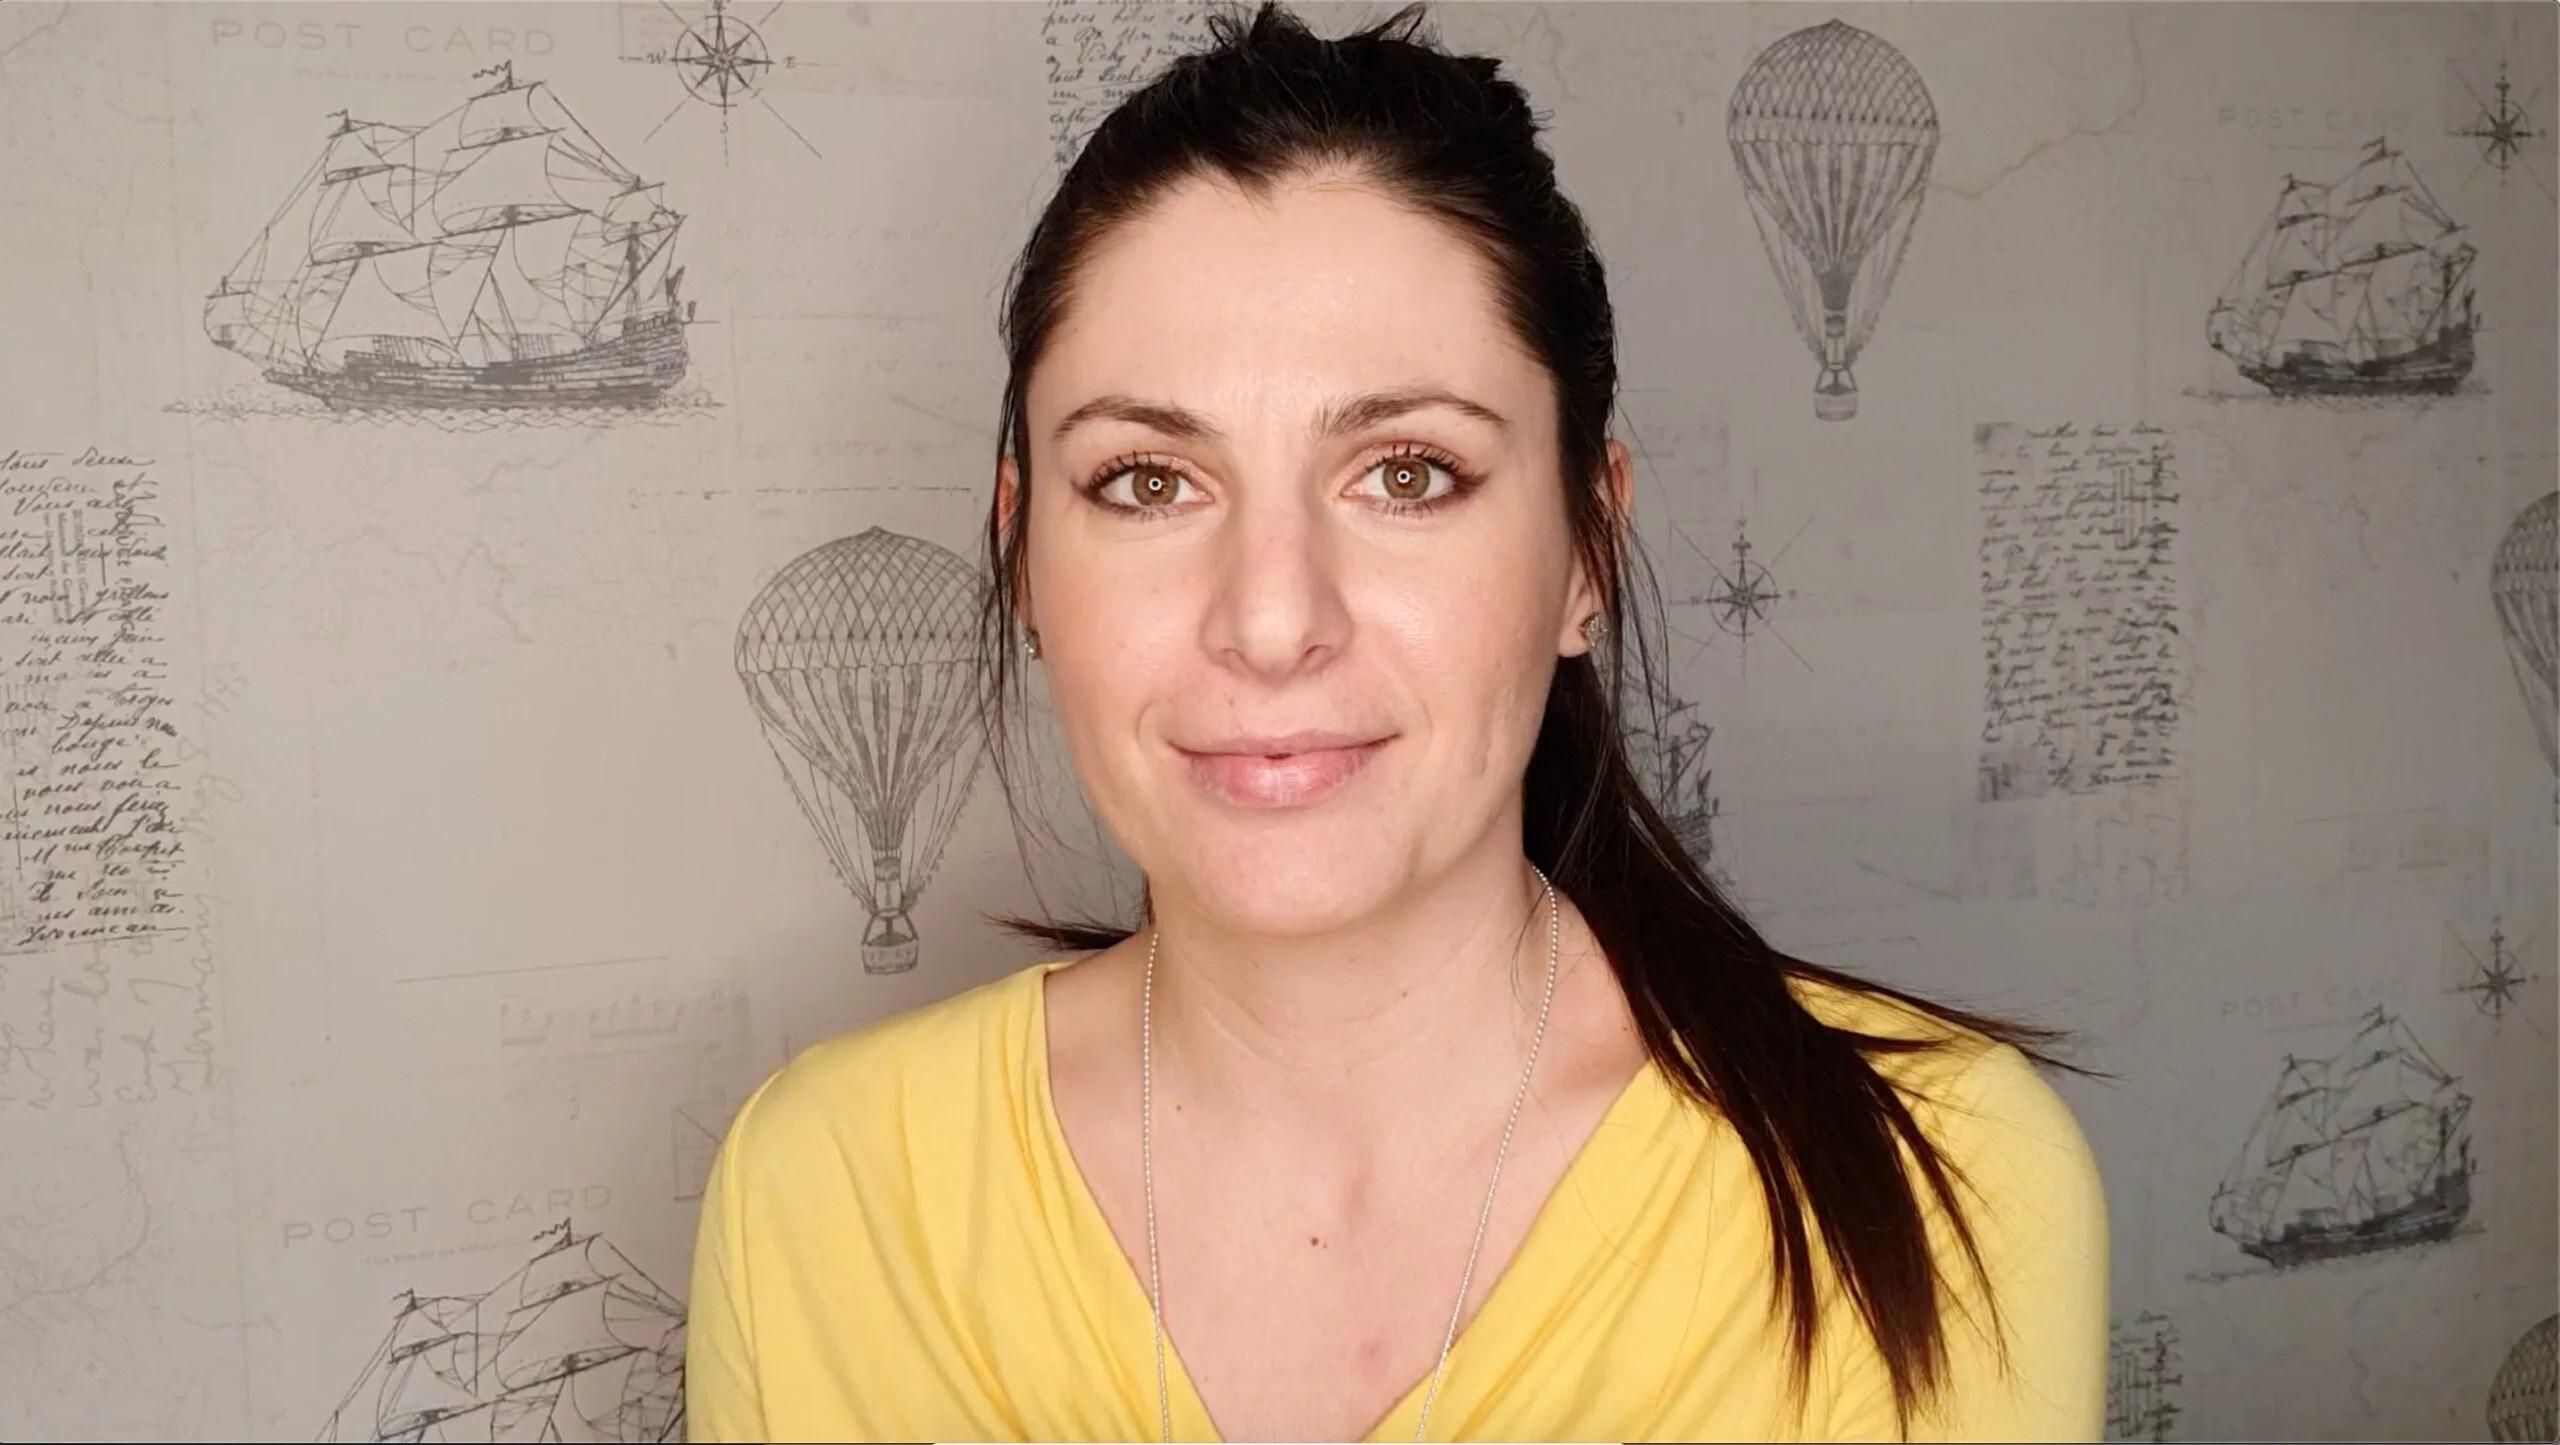 [VIDEO] Angst vor Herausforderungen? So habe ich damit Frieden geschlossen